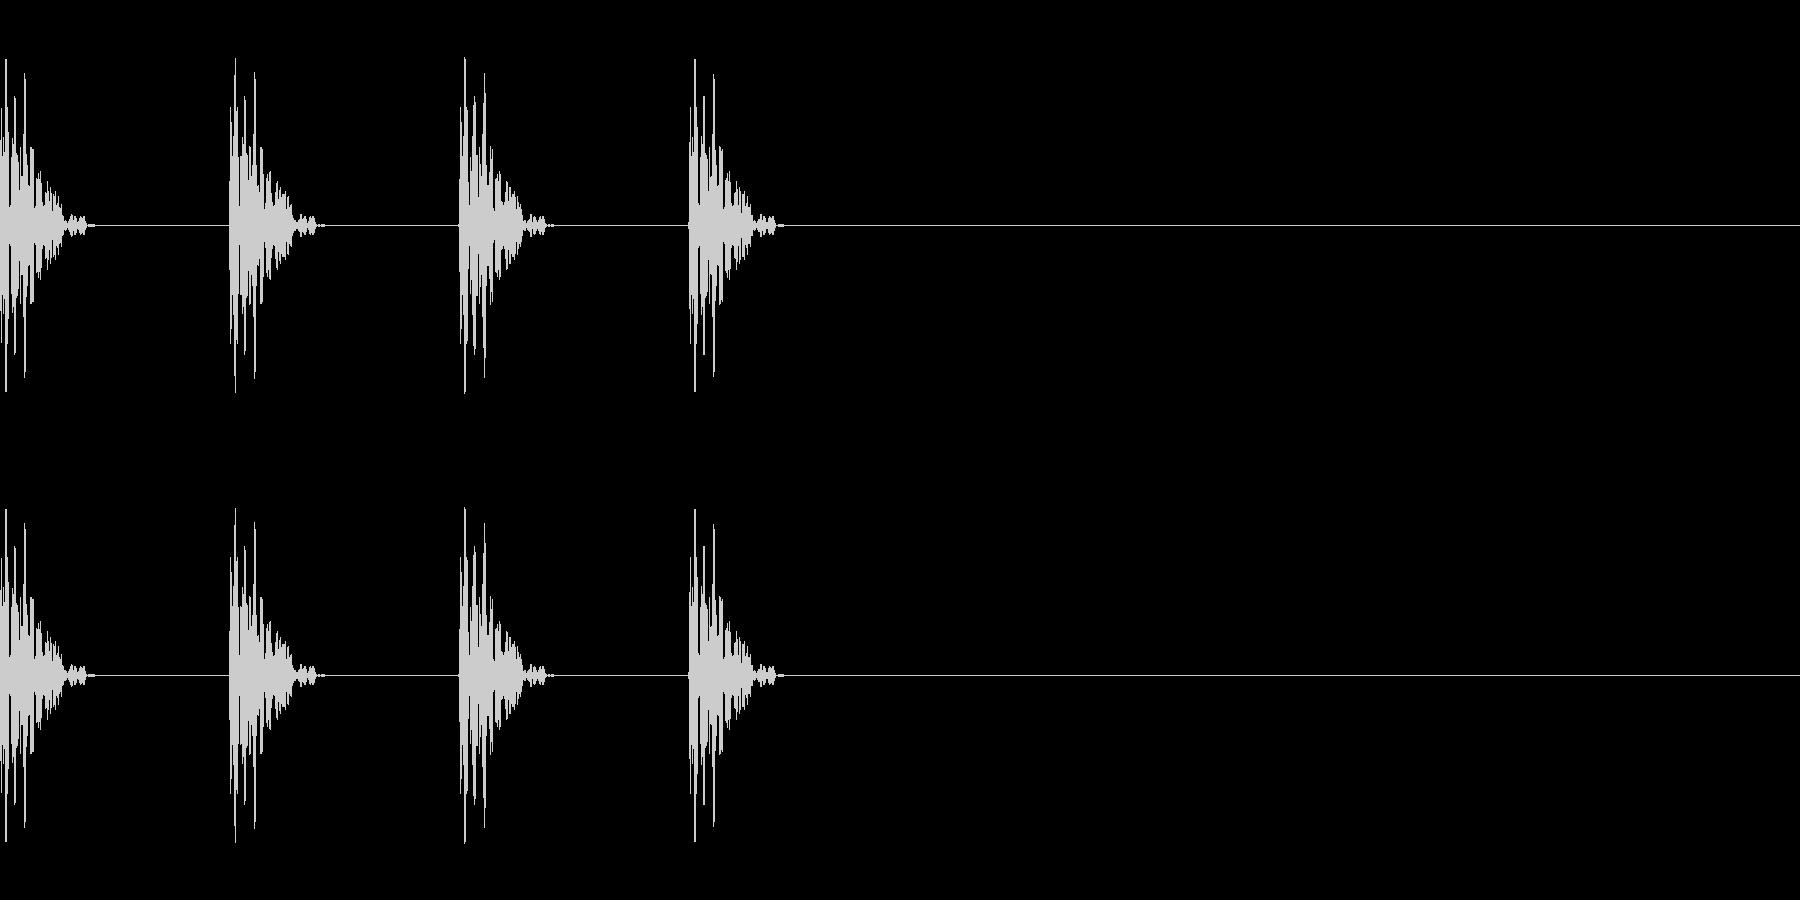 タッタッタッ…ゲーム風 階段の音の未再生の波形